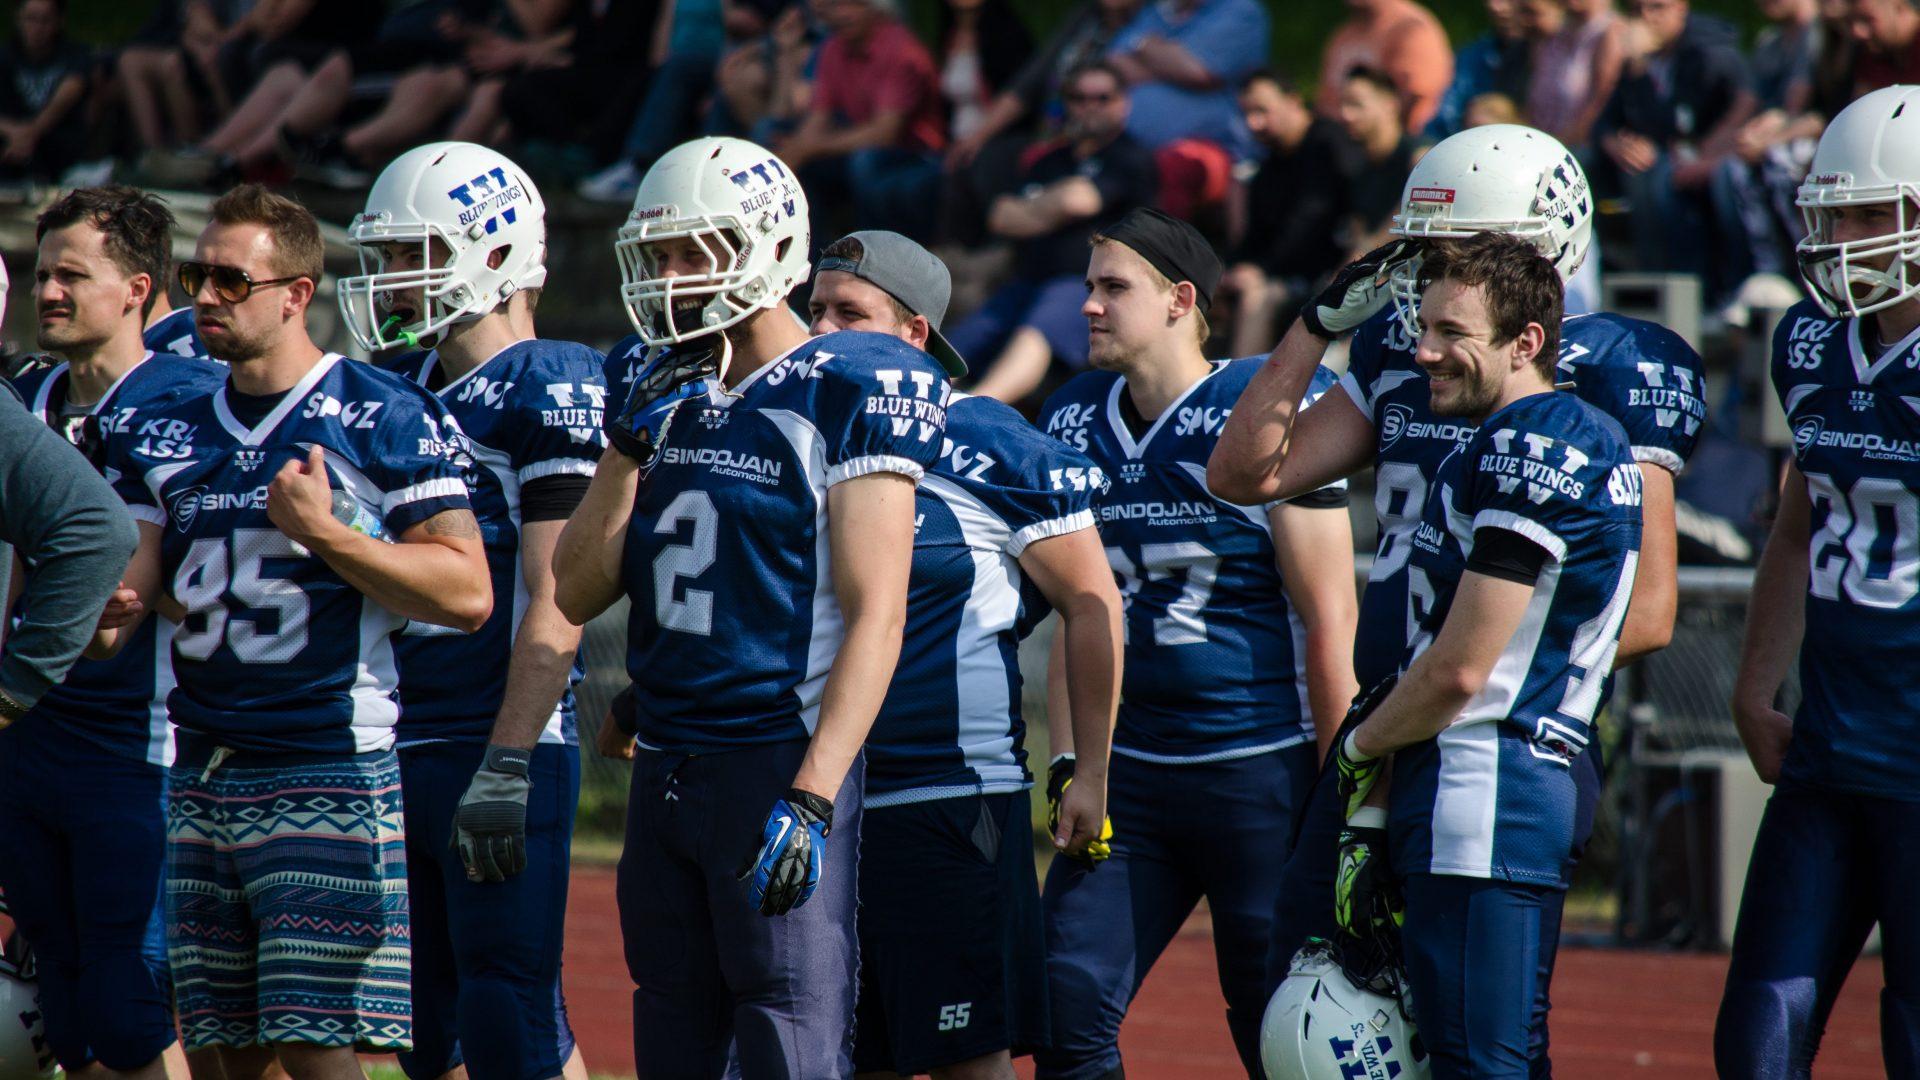 Mission erfolgreich: Blue Wings glänzen im letzten Heimspiel der Saison